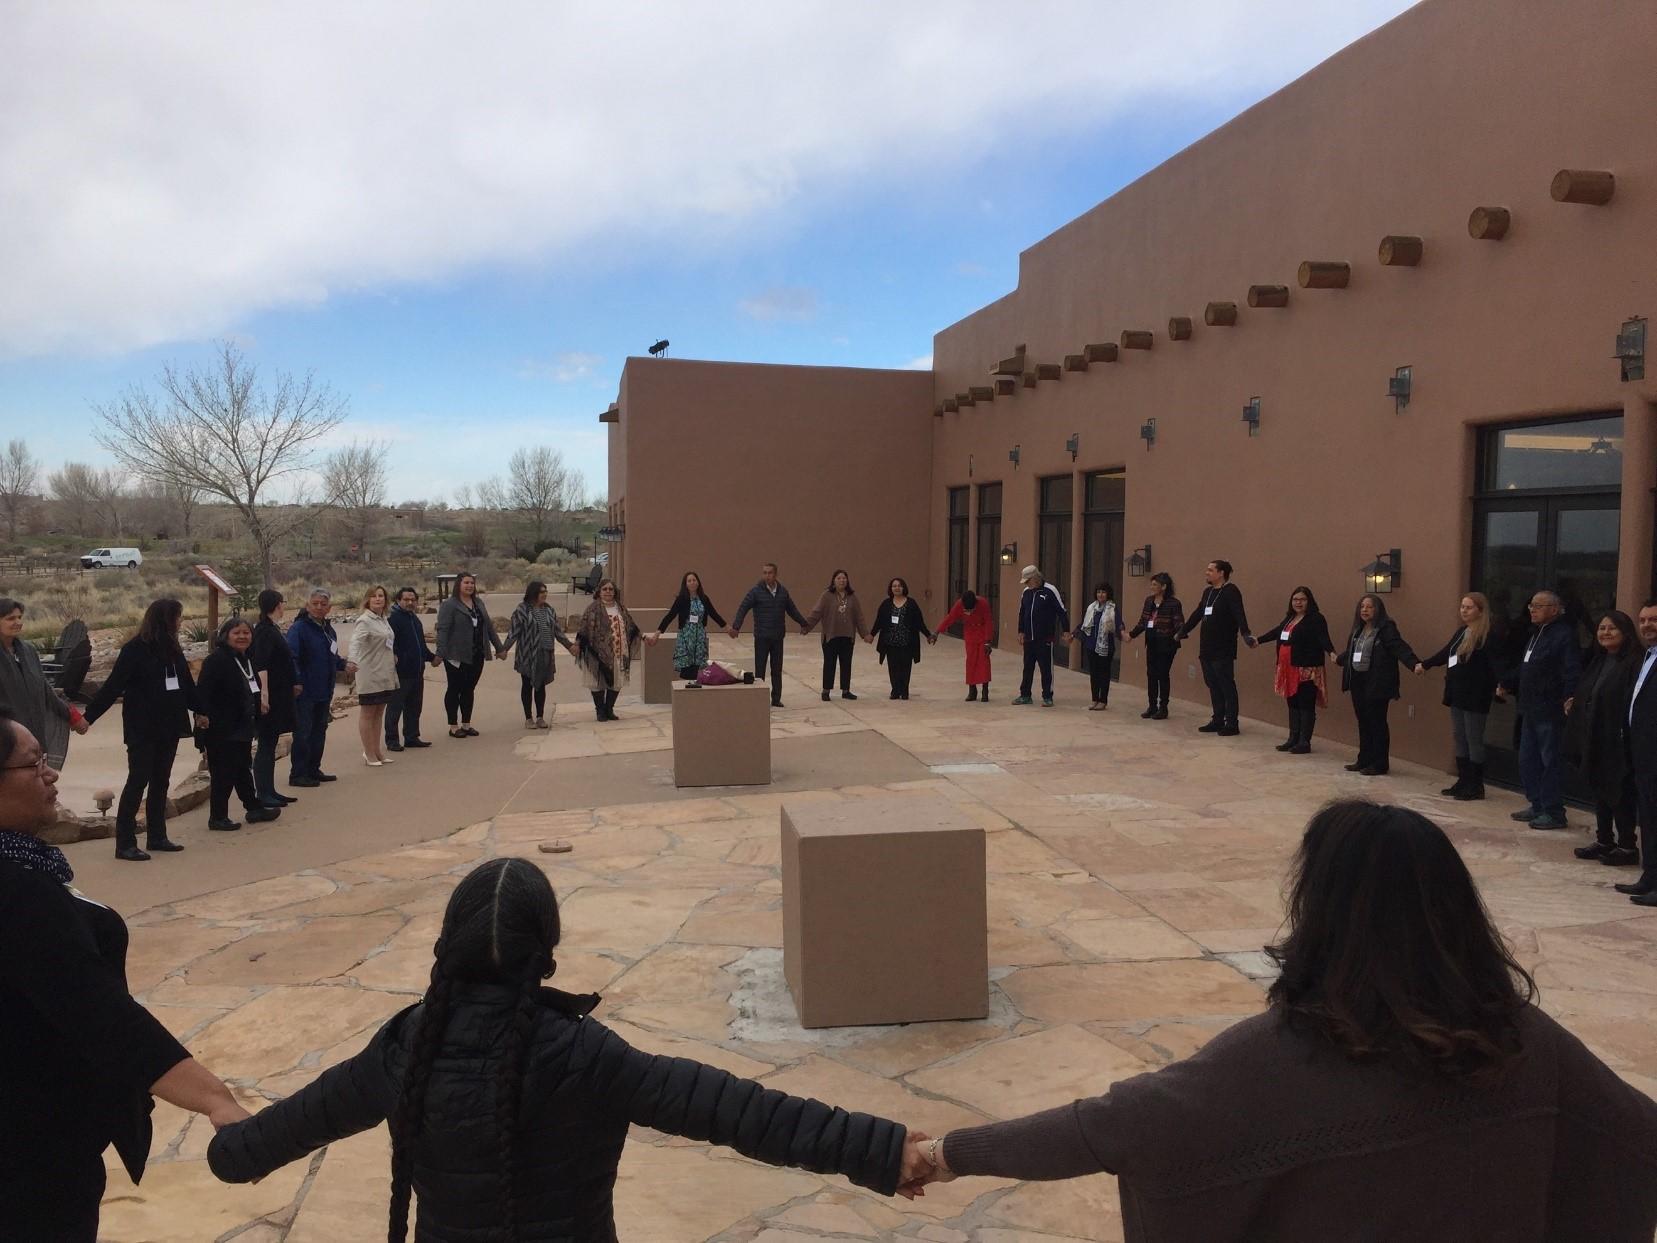 Miembros del Centro TREE parados afuera tomados de la mano en círculo